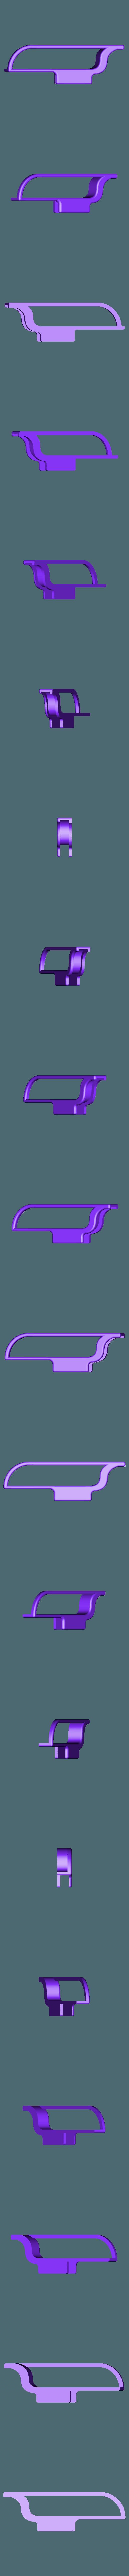 guide_bowden.stl Télécharger fichier STL gratuit Anet A8 Bowden guide • Objet imprimable en 3D, Rhizamax